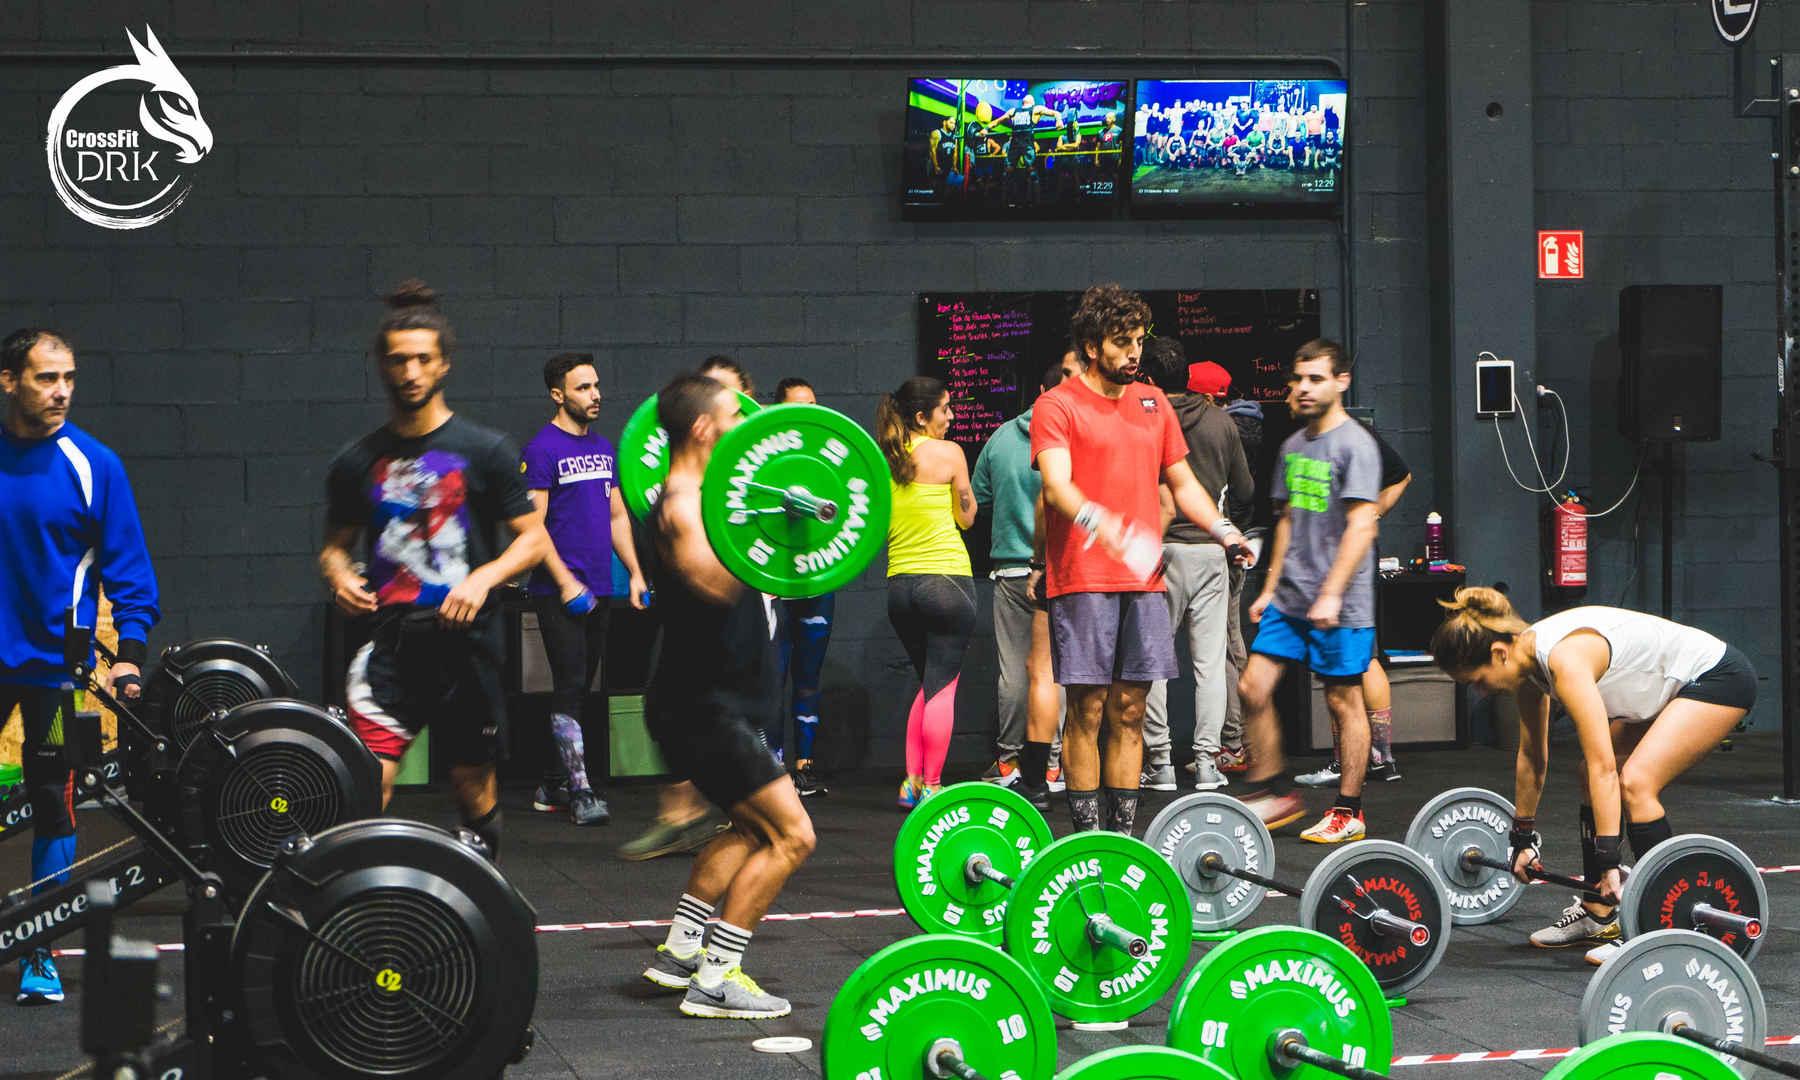 Competición por equipos - CrossFit DRK - Bergondo